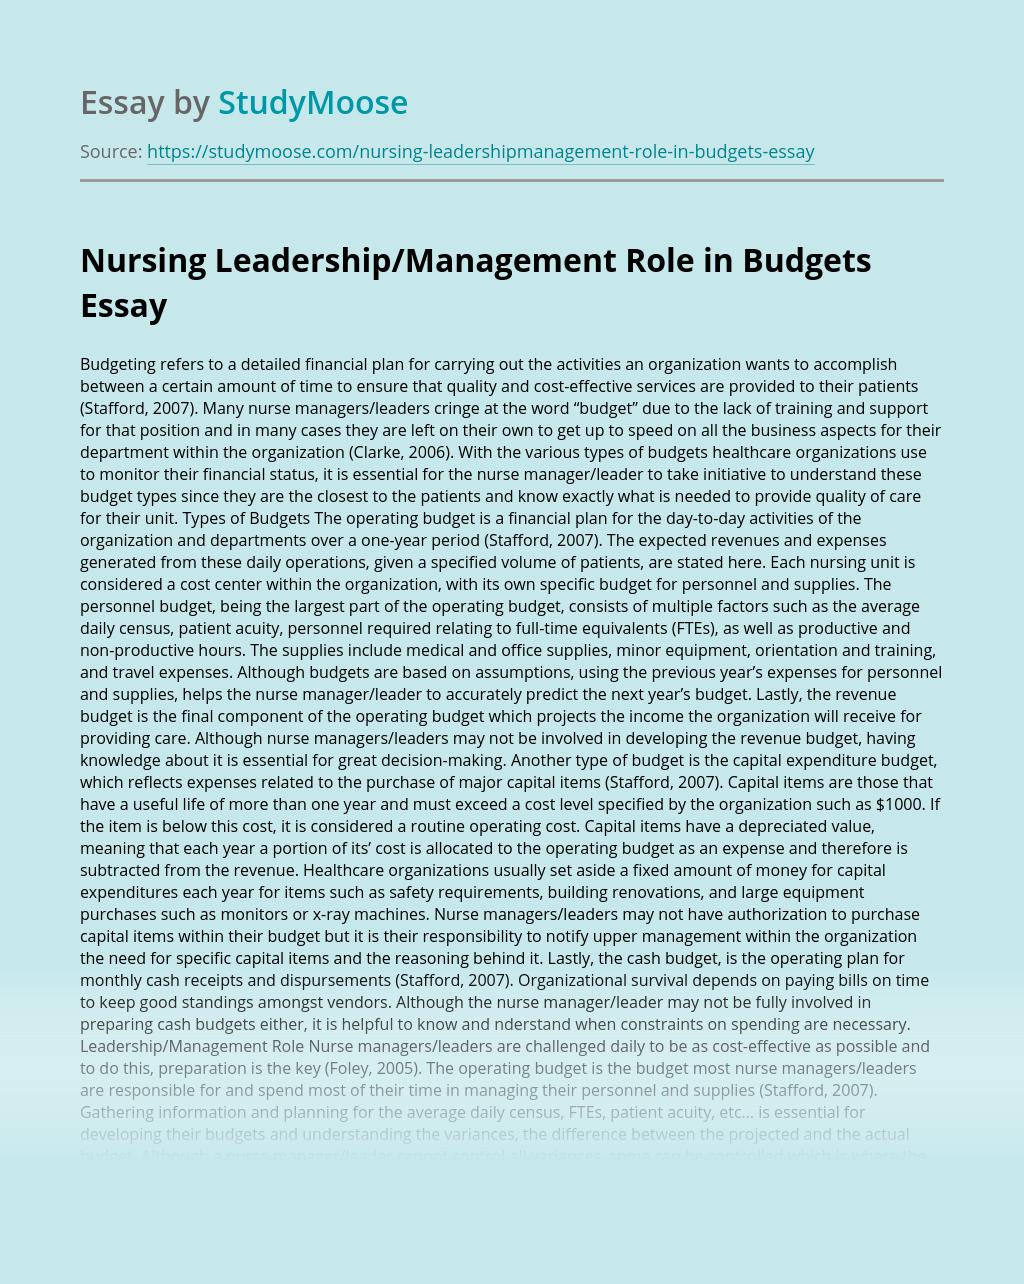 Nursing Leadership/Management Role in Budgets